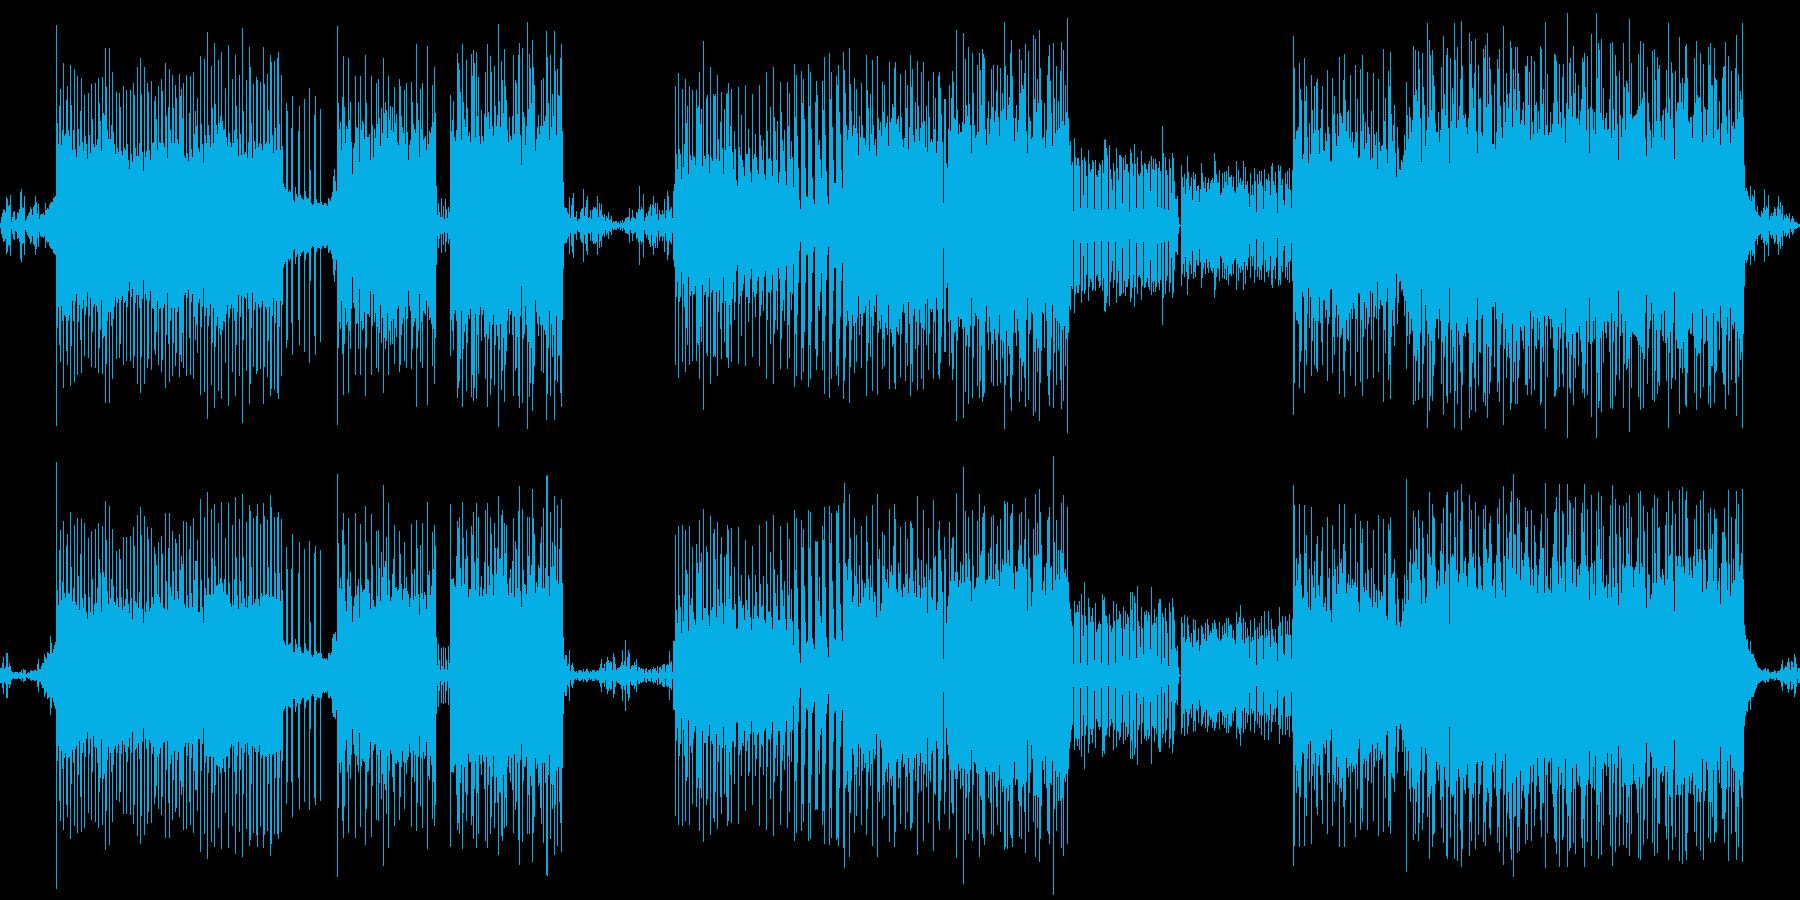 エレクトロなメロディが印象的なループ素材の再生済みの波形